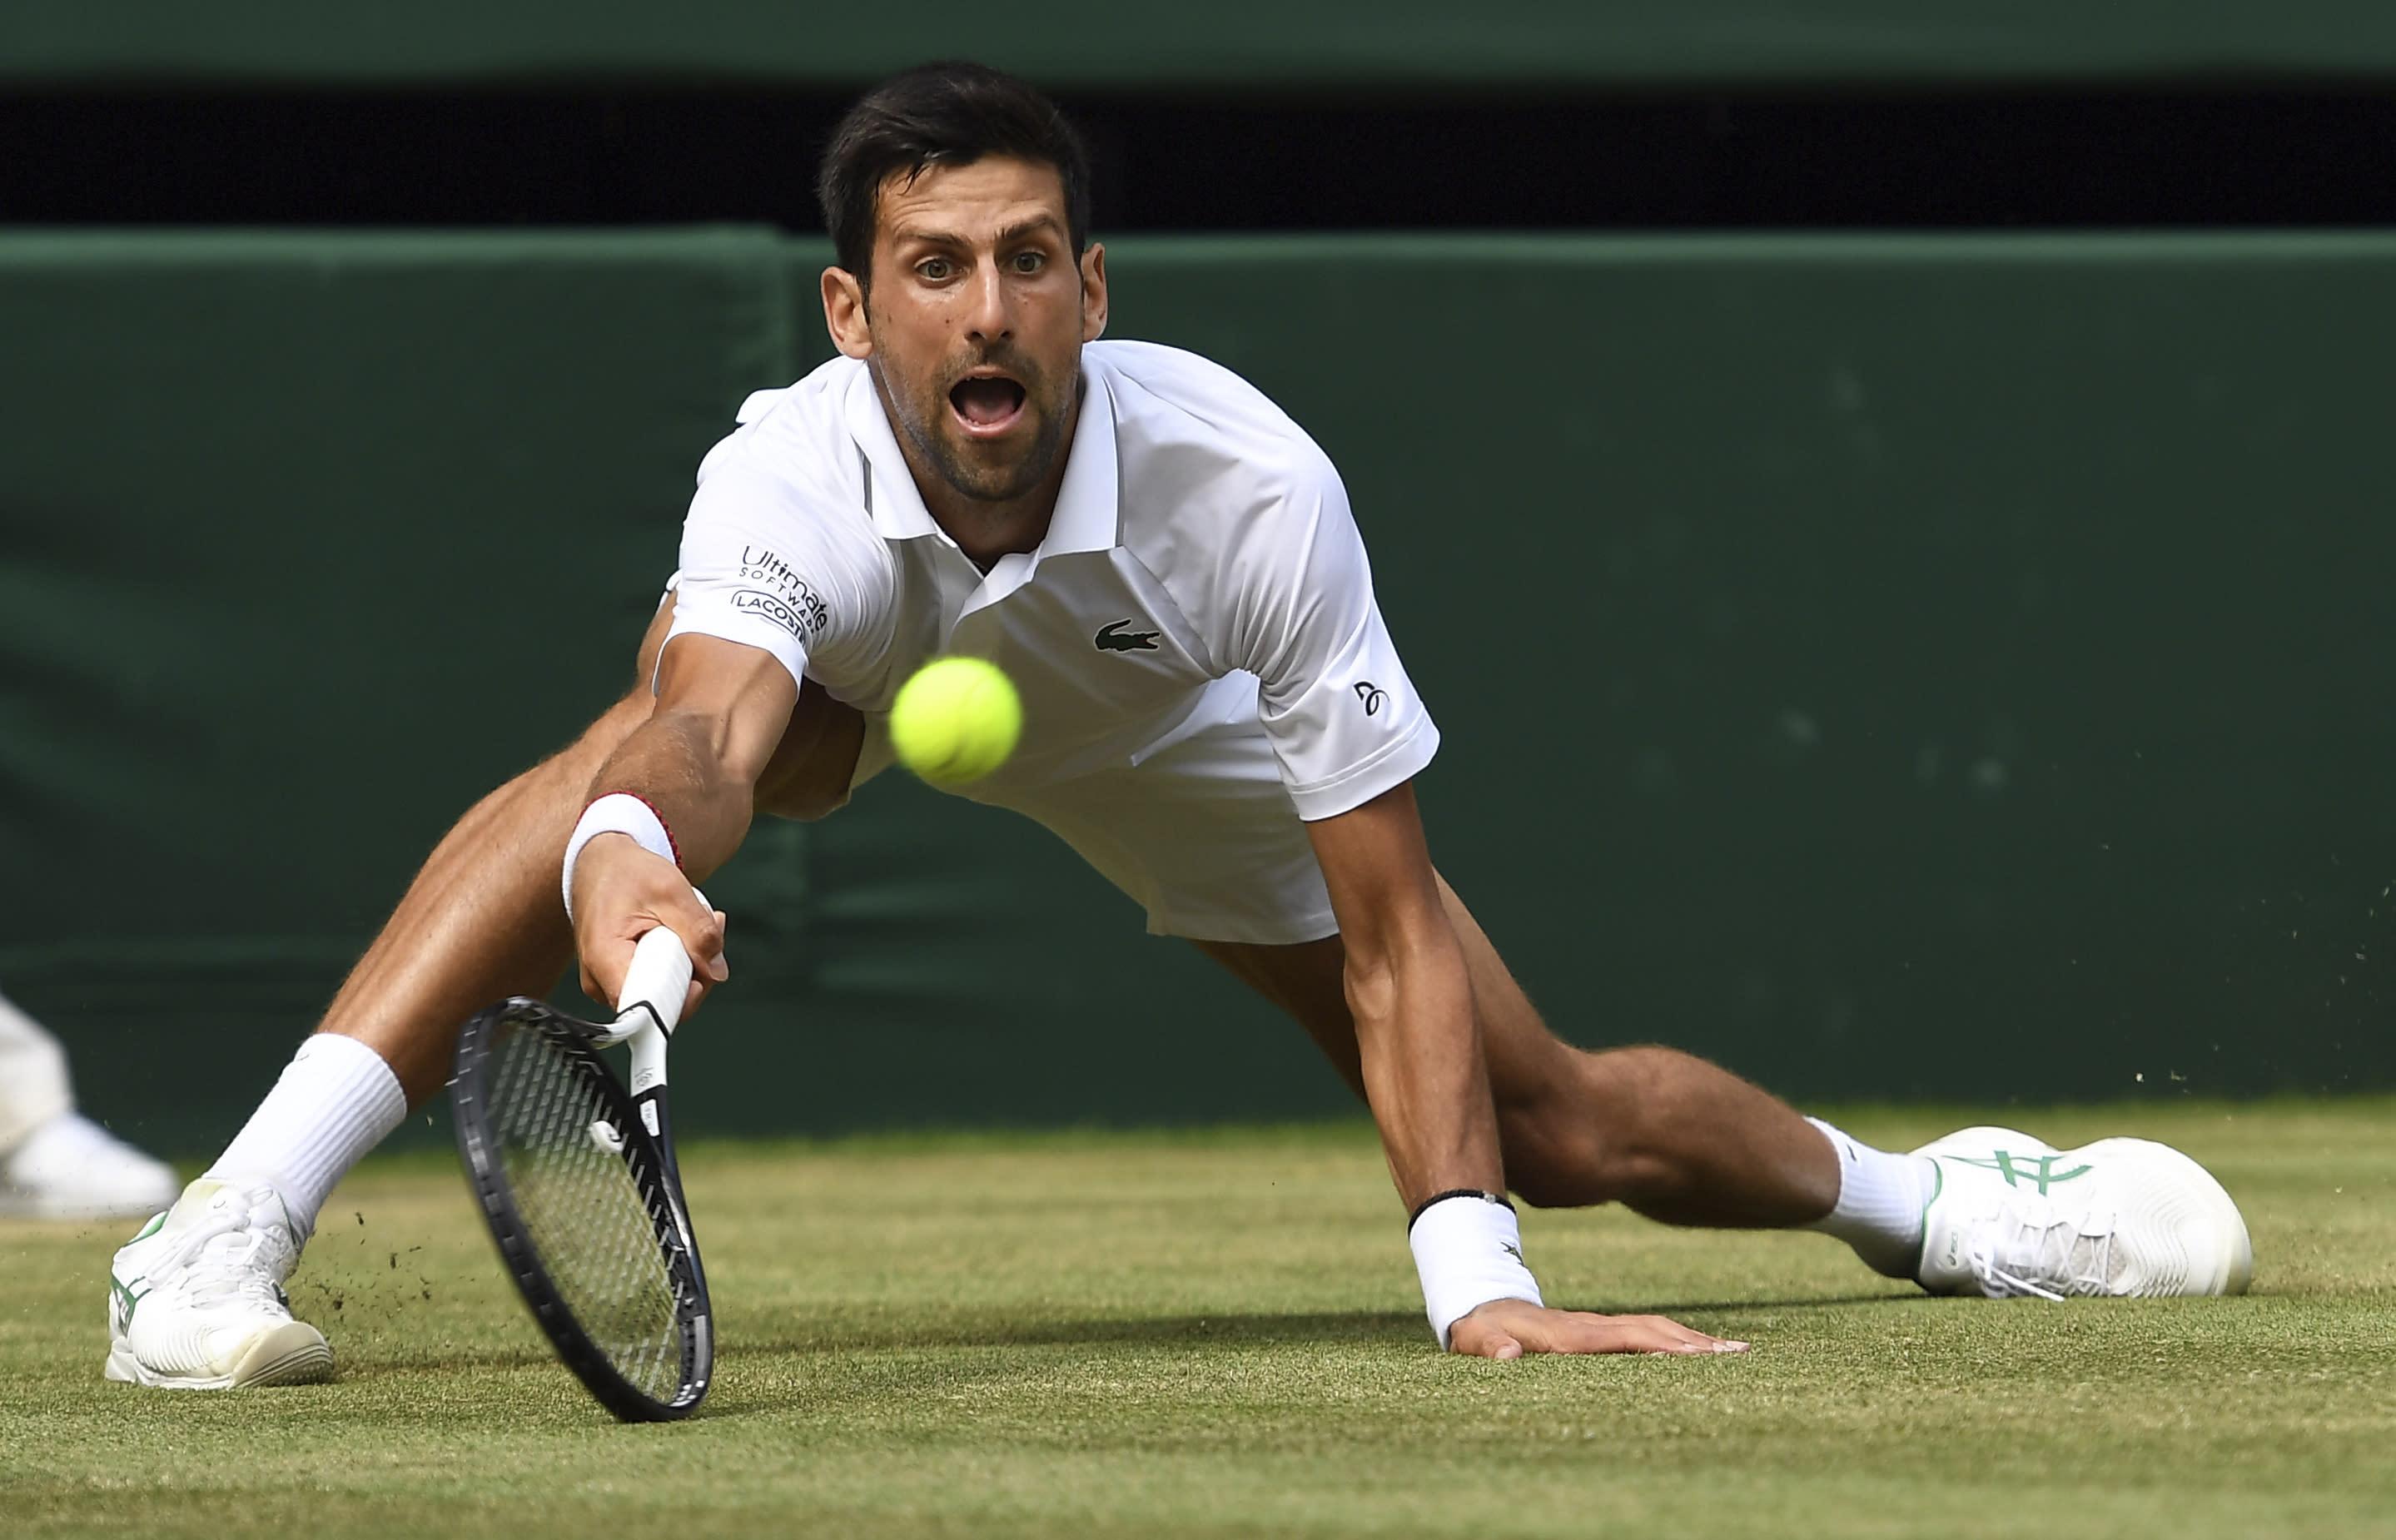 【運動專欄/費恩斯】Djokovic重回溫布頓決賽 4強小遇亂流不應該